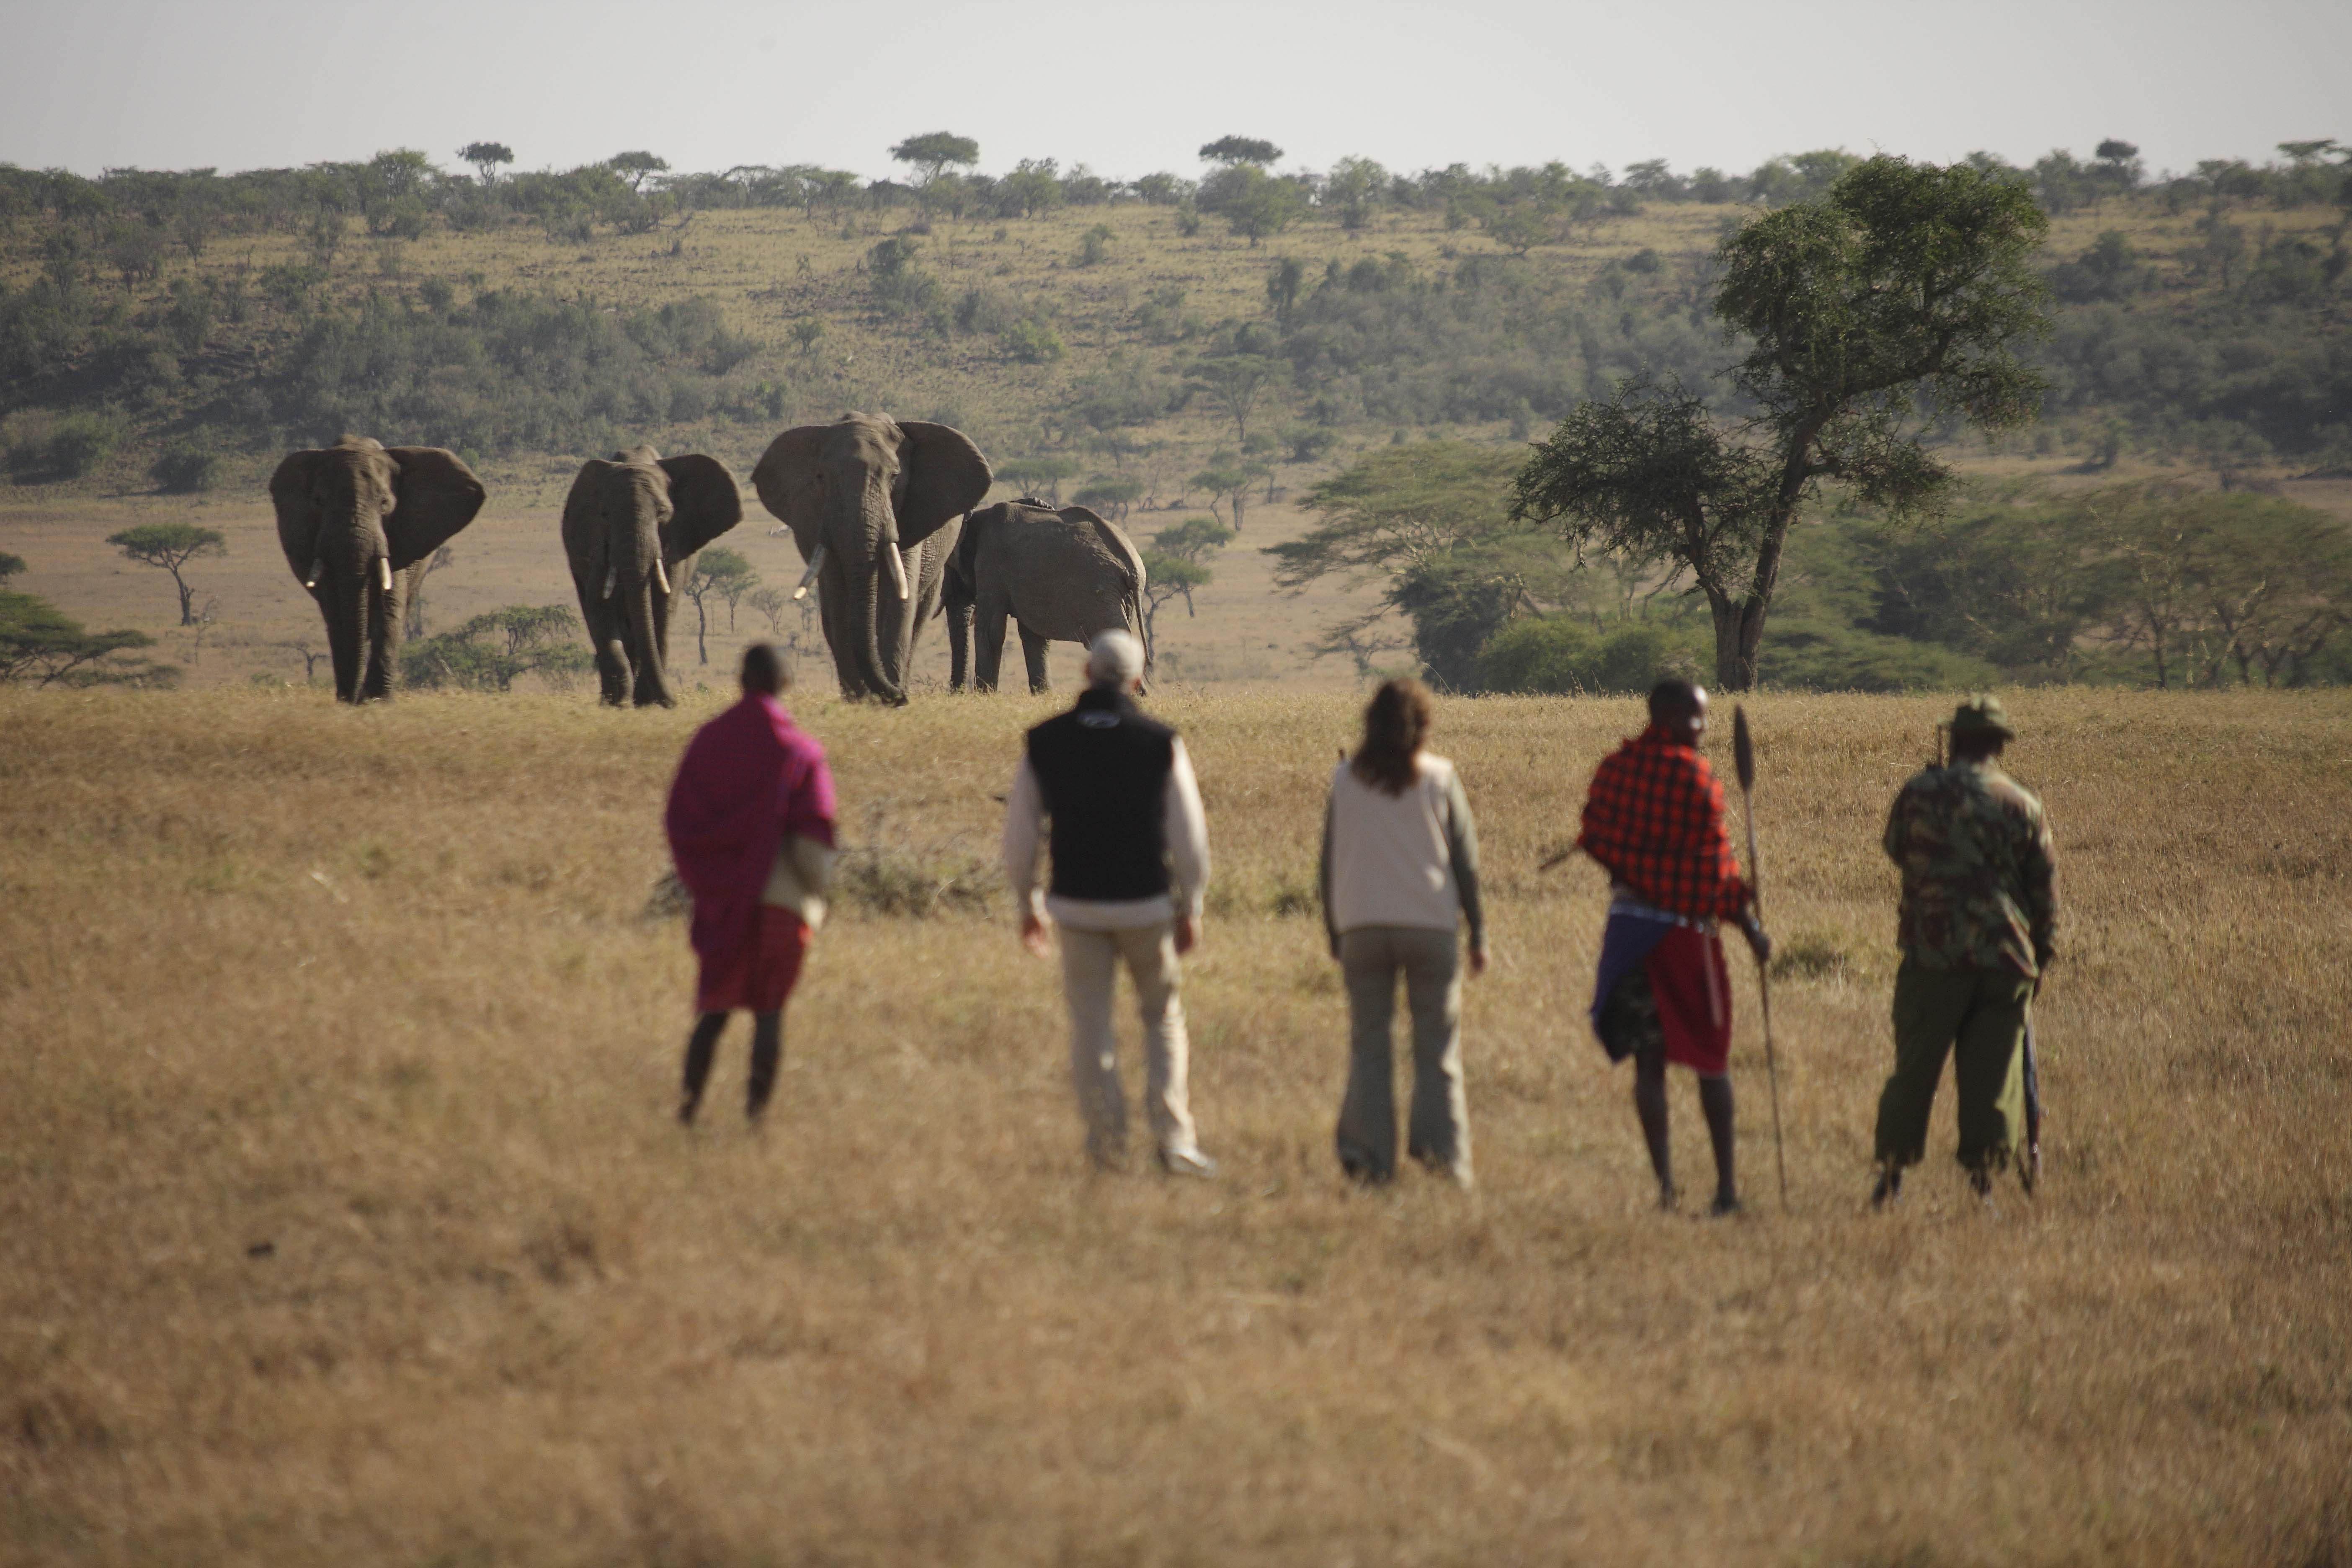 Naboisho elephant walk